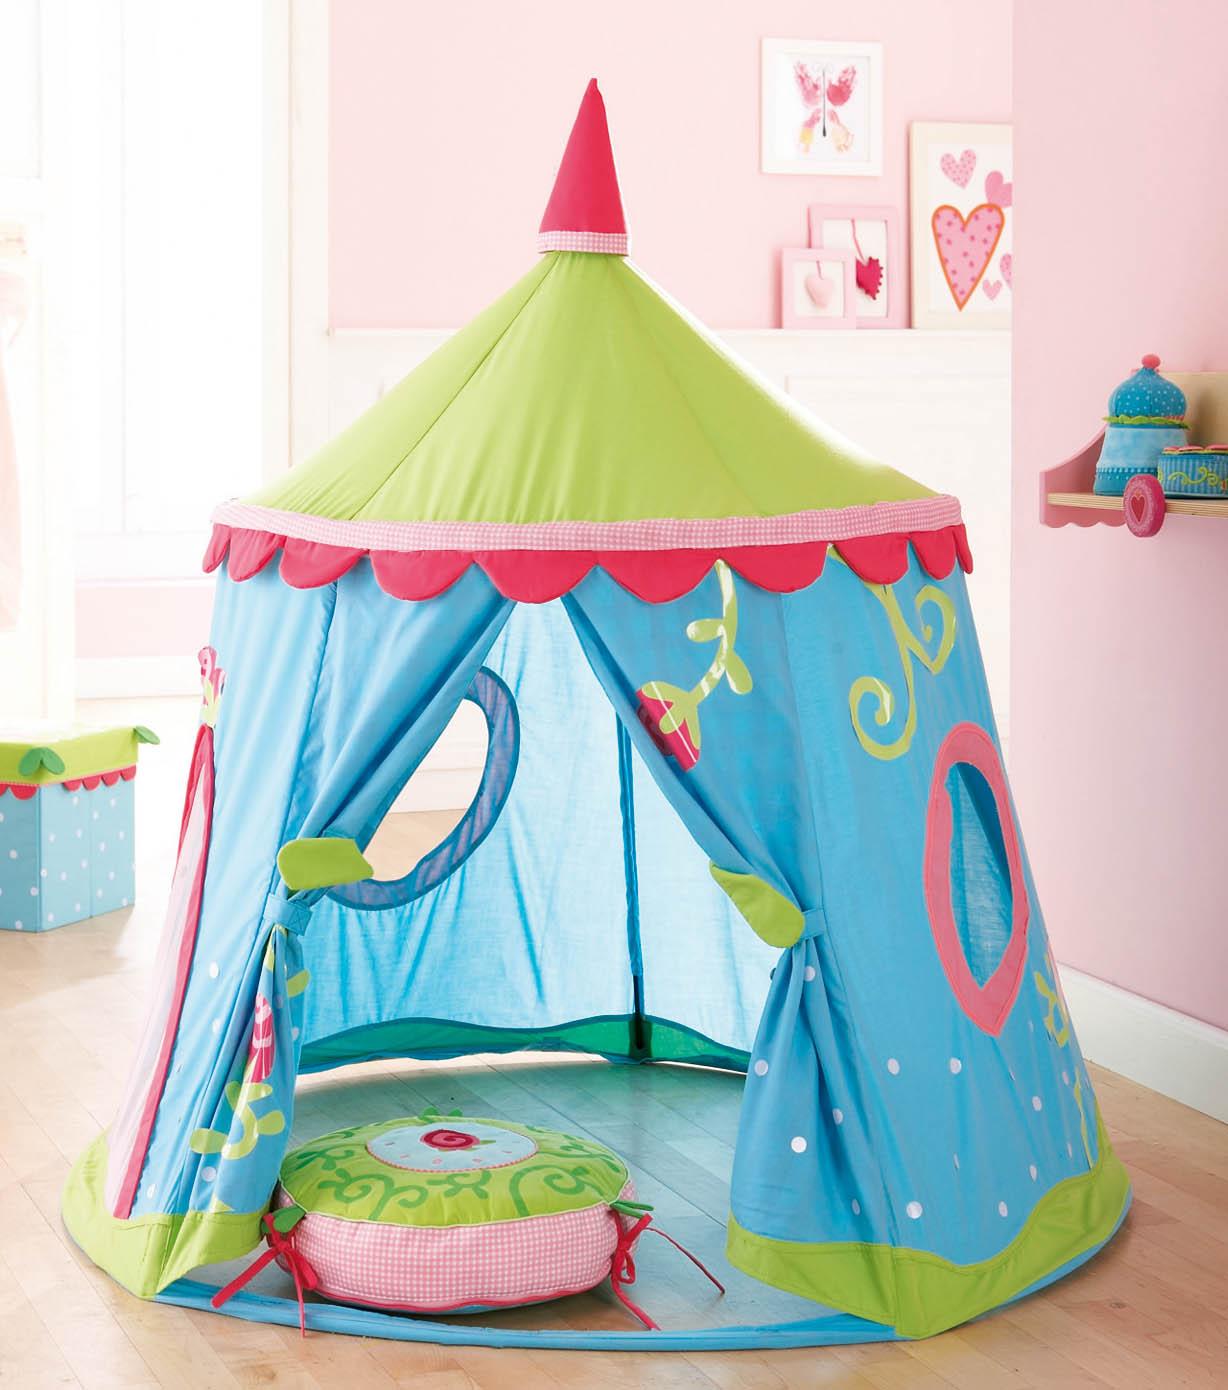 Палатка детская игровая своими руками фото